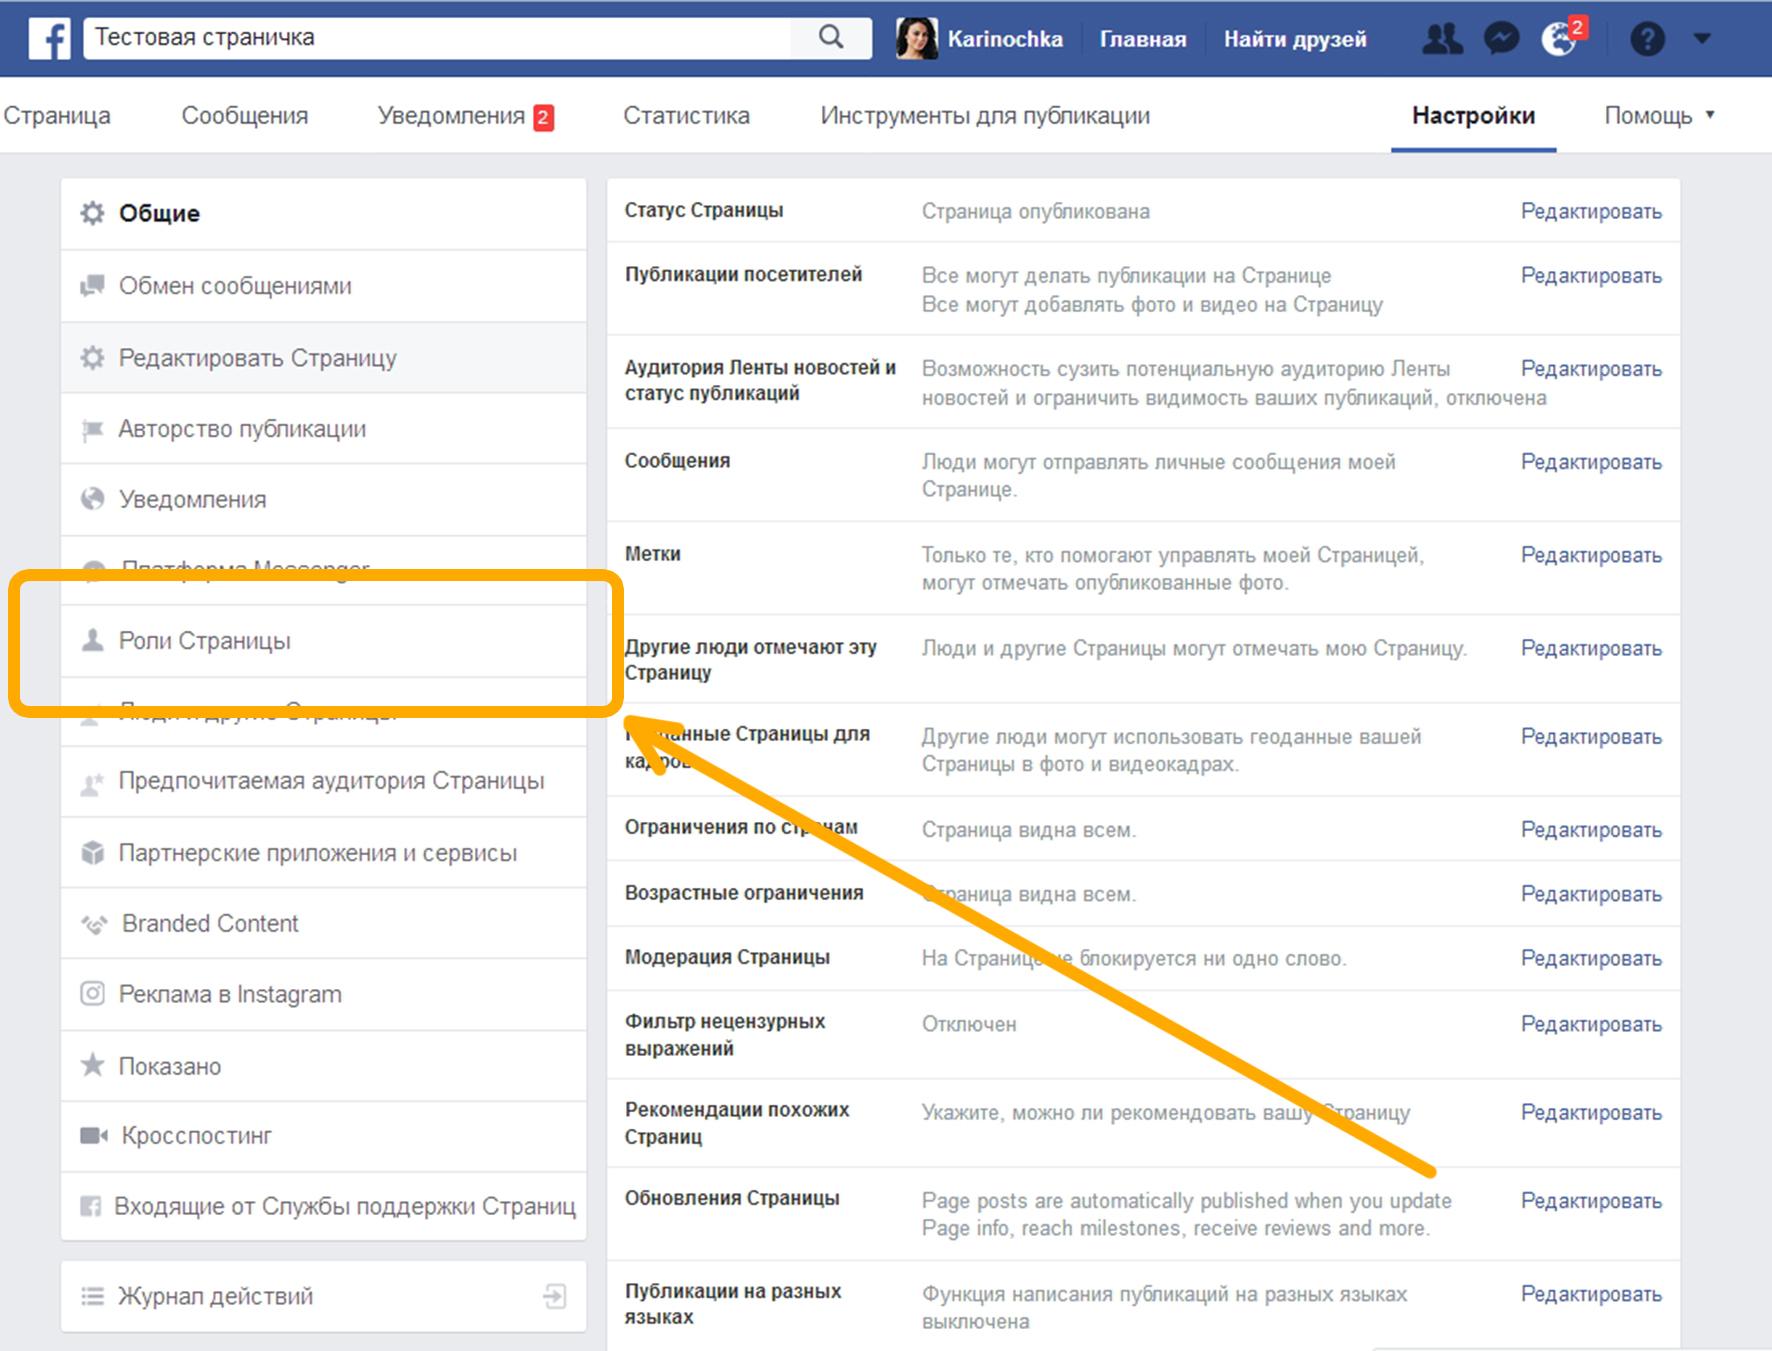 Внешний вид списка, управляющего страницей Фейсбук и кнопка, нажав на которую, можно перейти в меню добавлением администратора в сообщество.